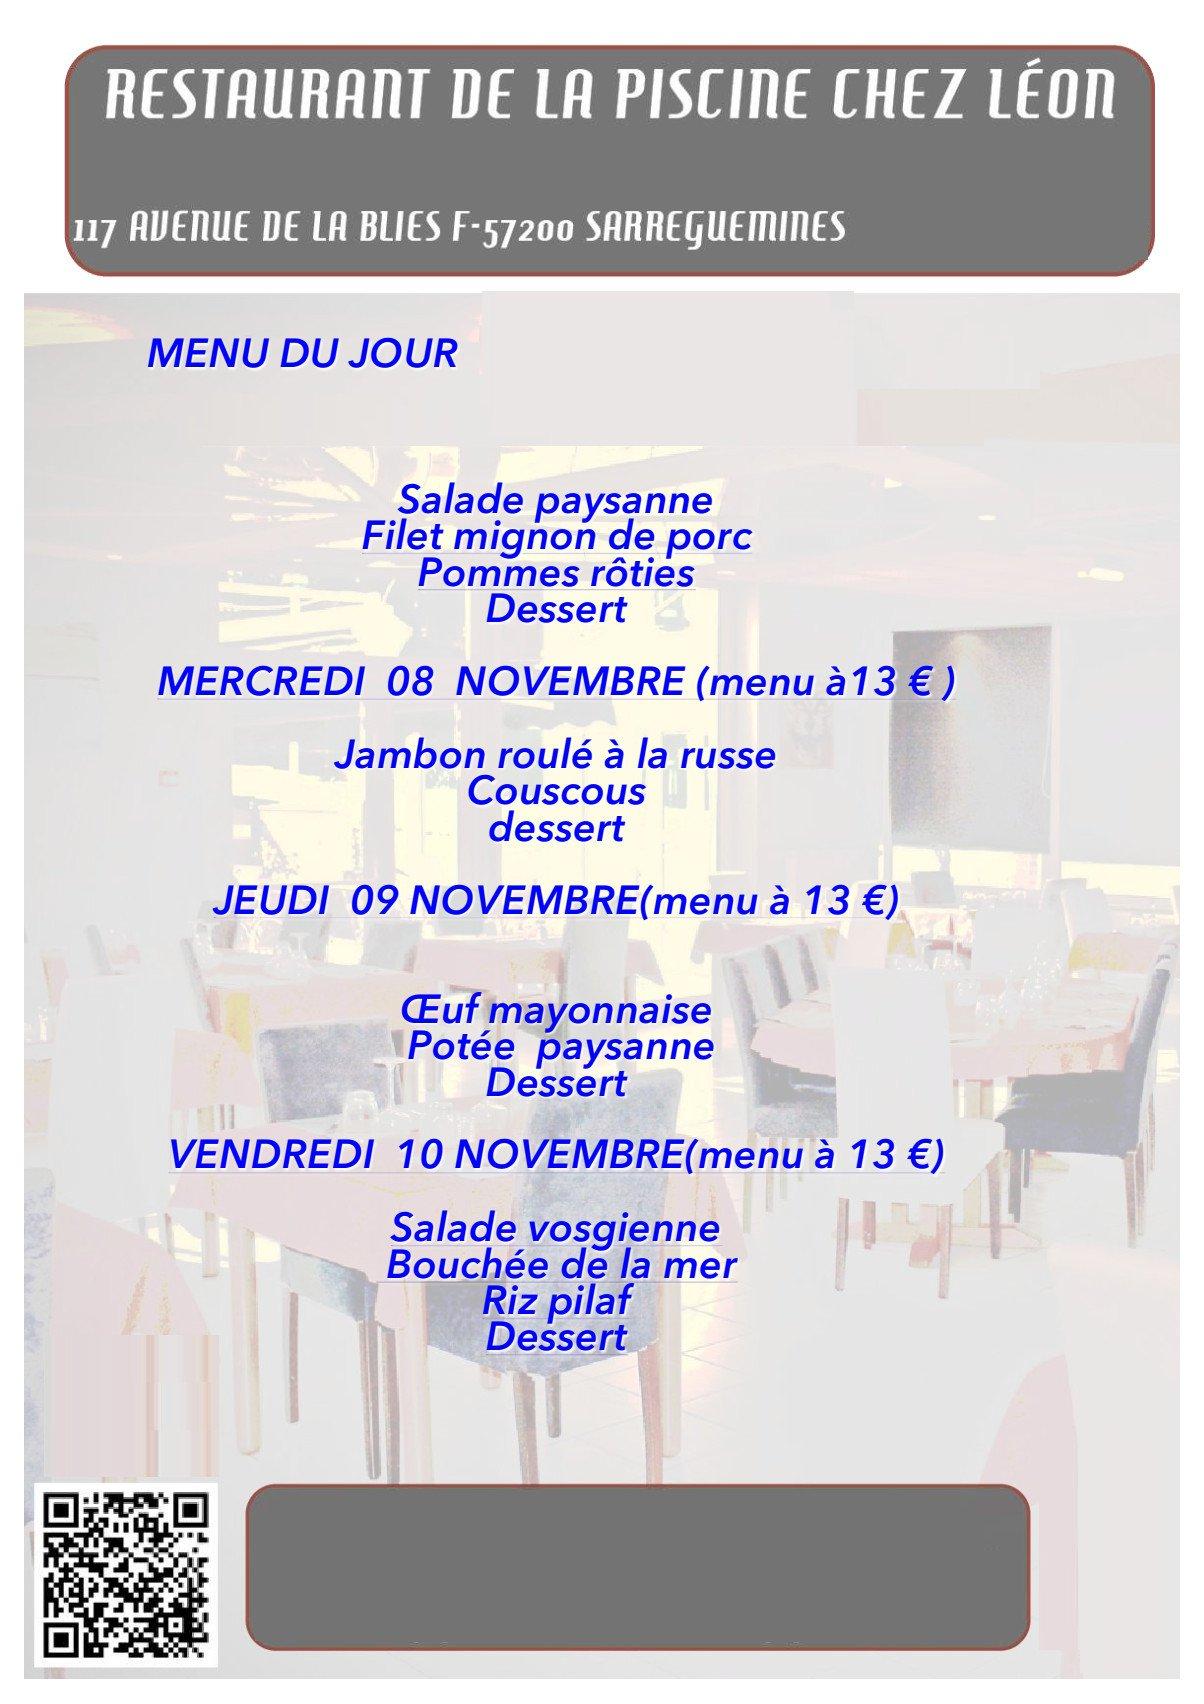 Restaurant De La Piscine Sarreguemines Menu